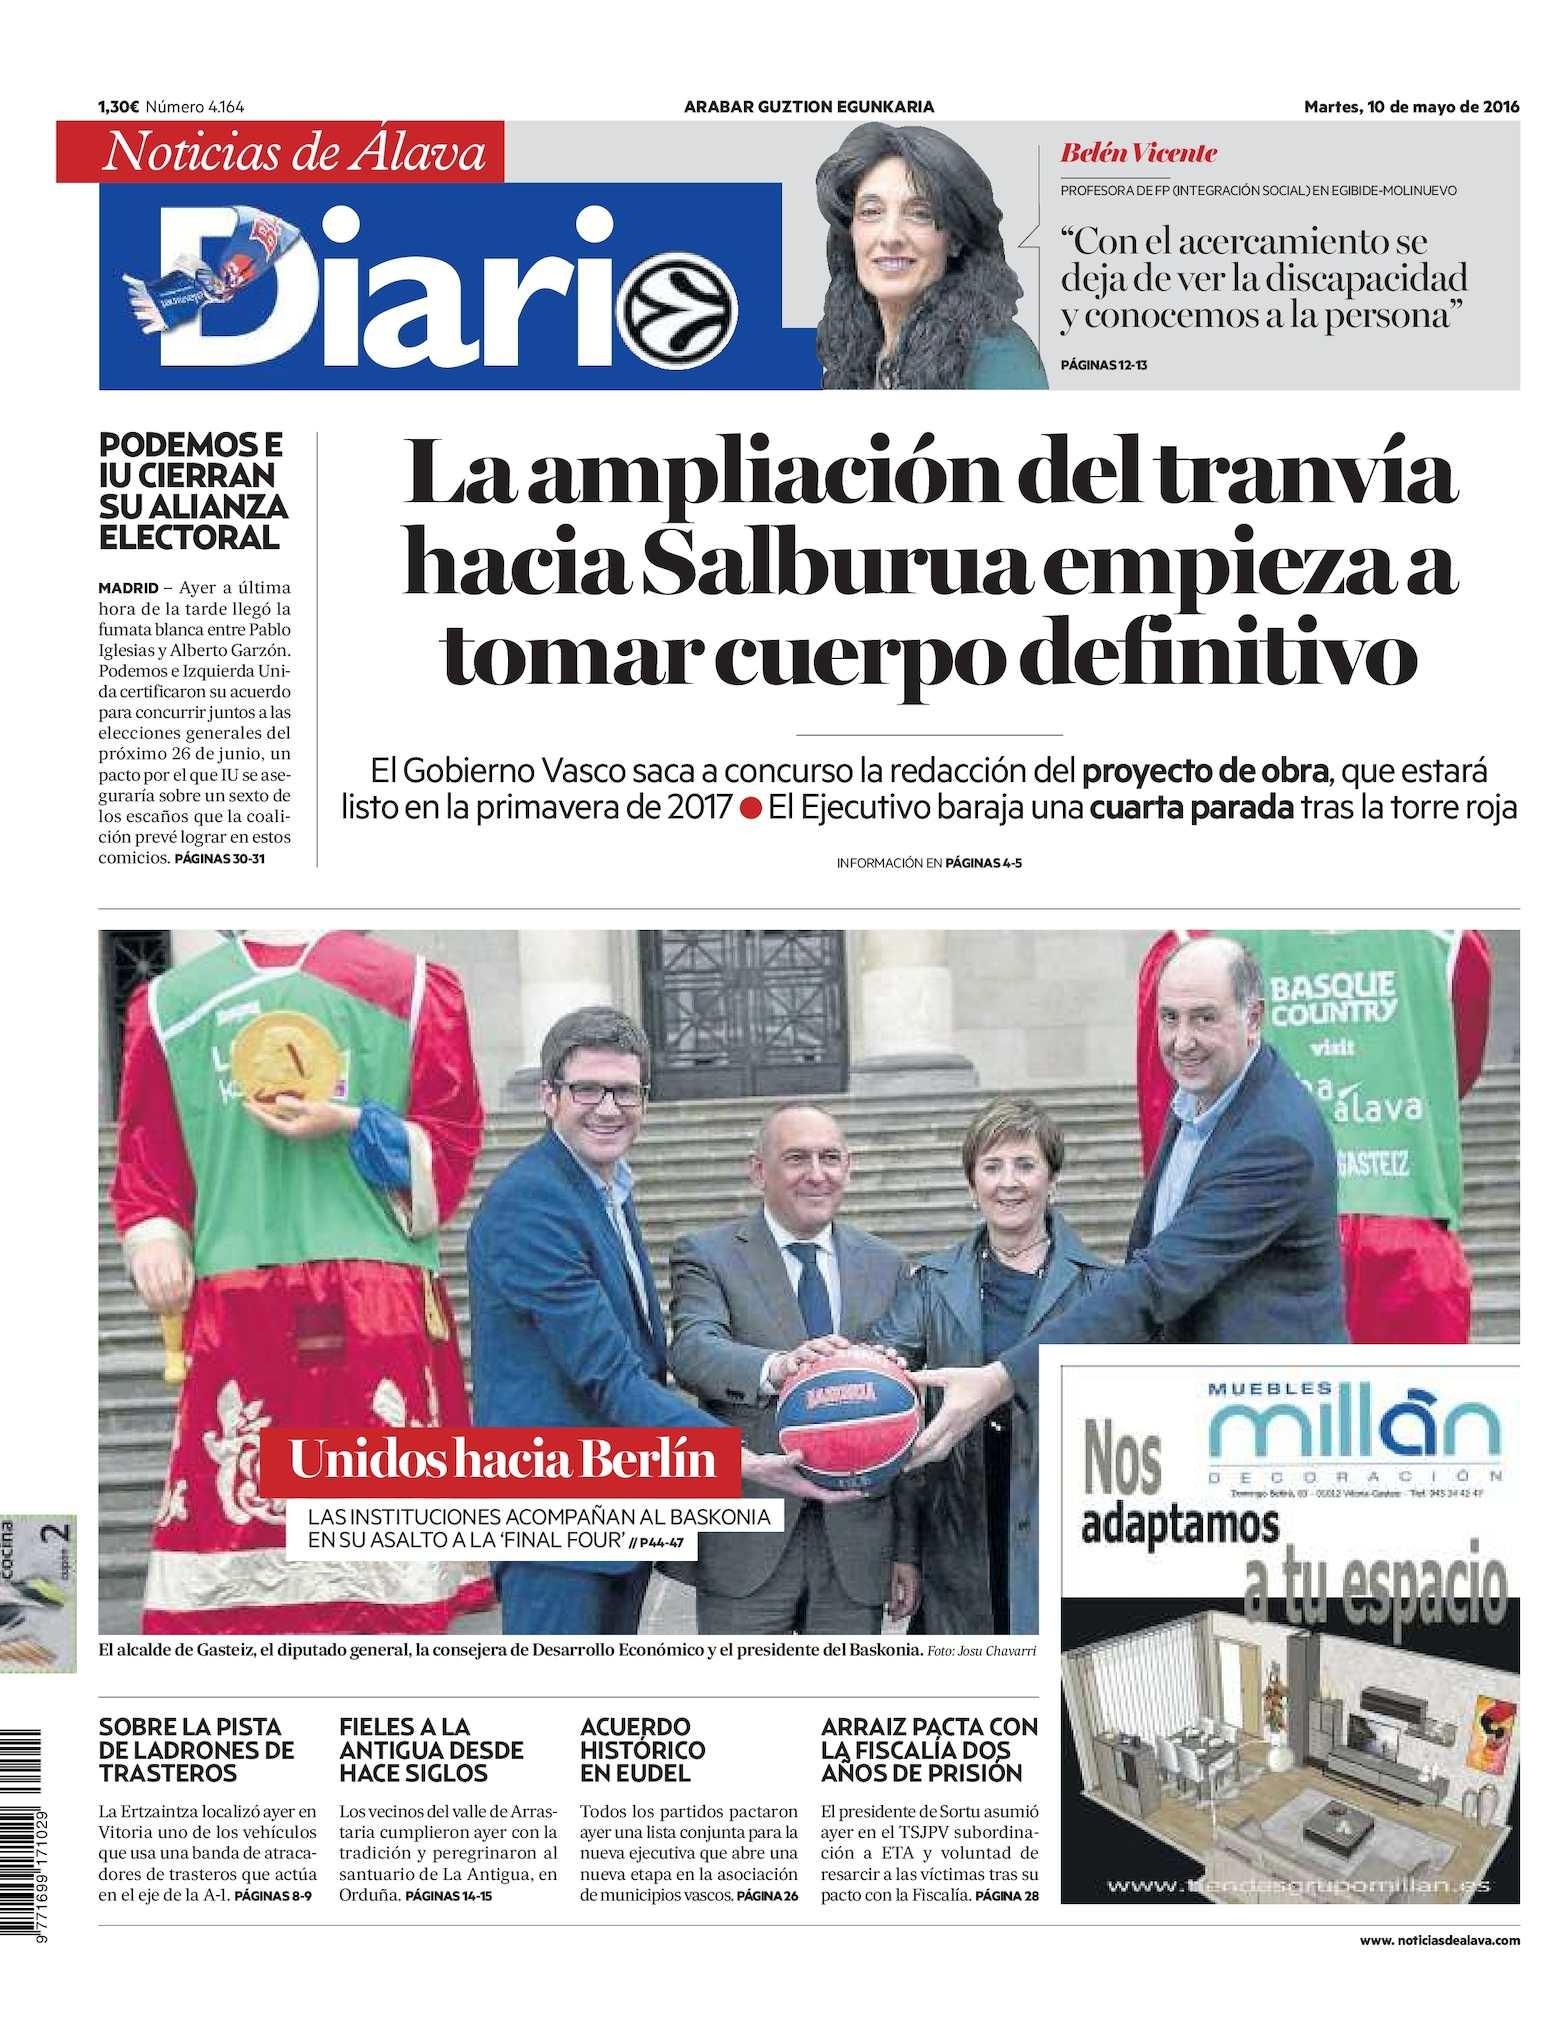 Calendario 2019 Con Festivos Extremadura Más Populares Calaméo Diario De Noticias De lava Of Calendario 2019 Con Festivos Extremadura Más Actual Calaméo Diario De Noticias De lava